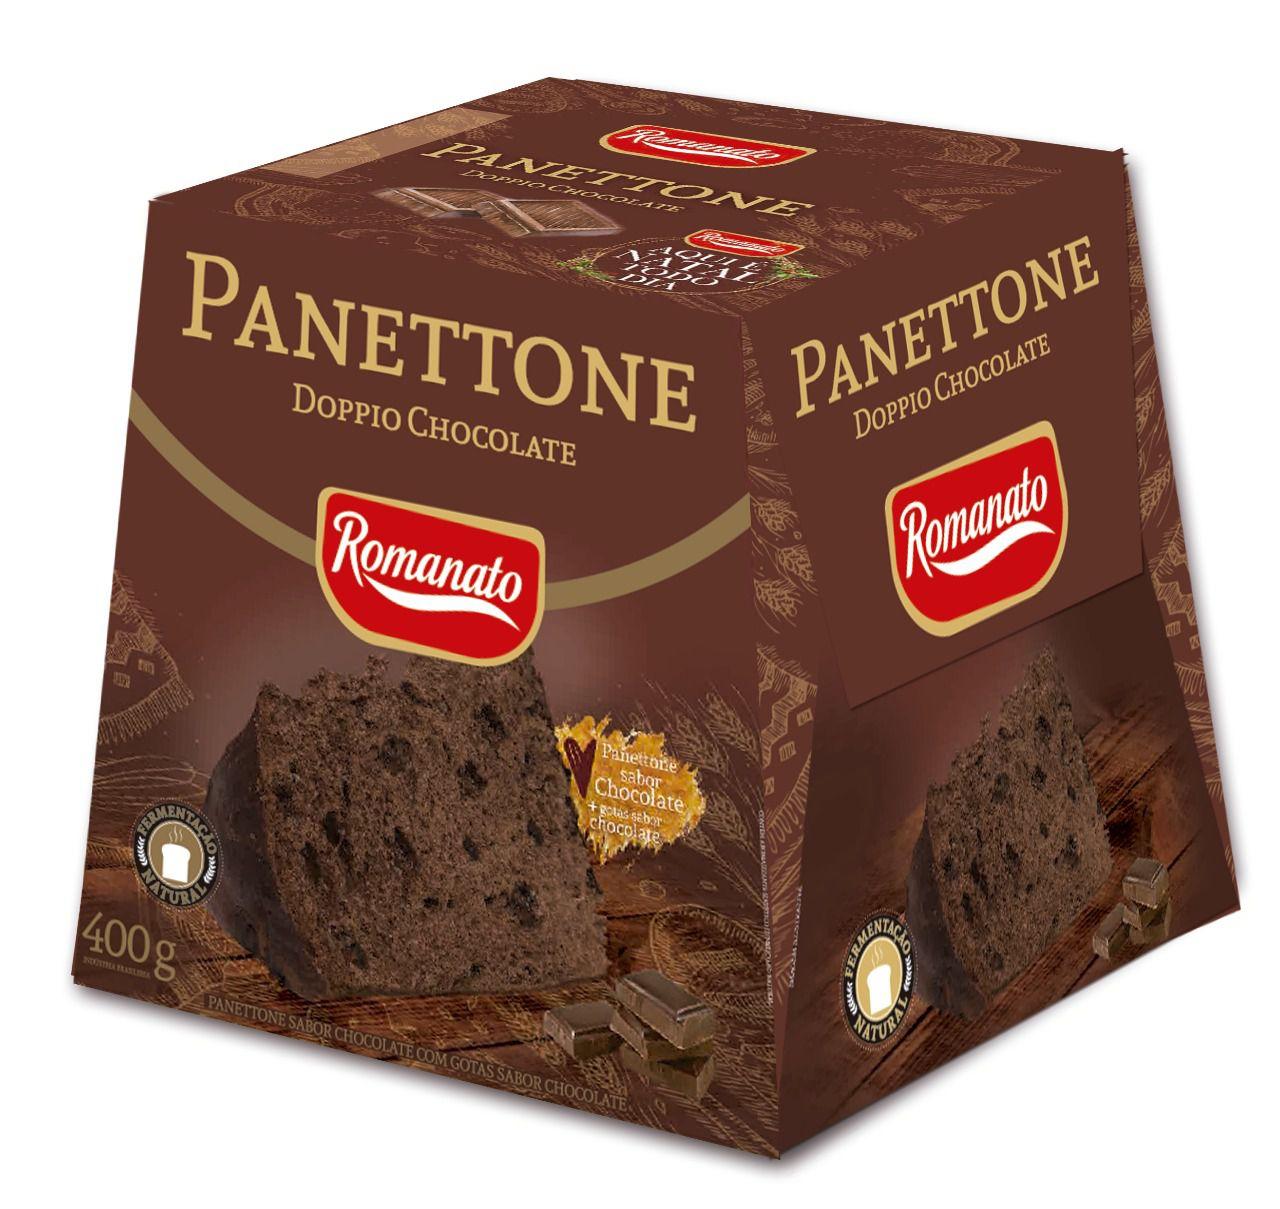 Panettone De Chocolate Com Gosta Chocolate 400gr - Romanato